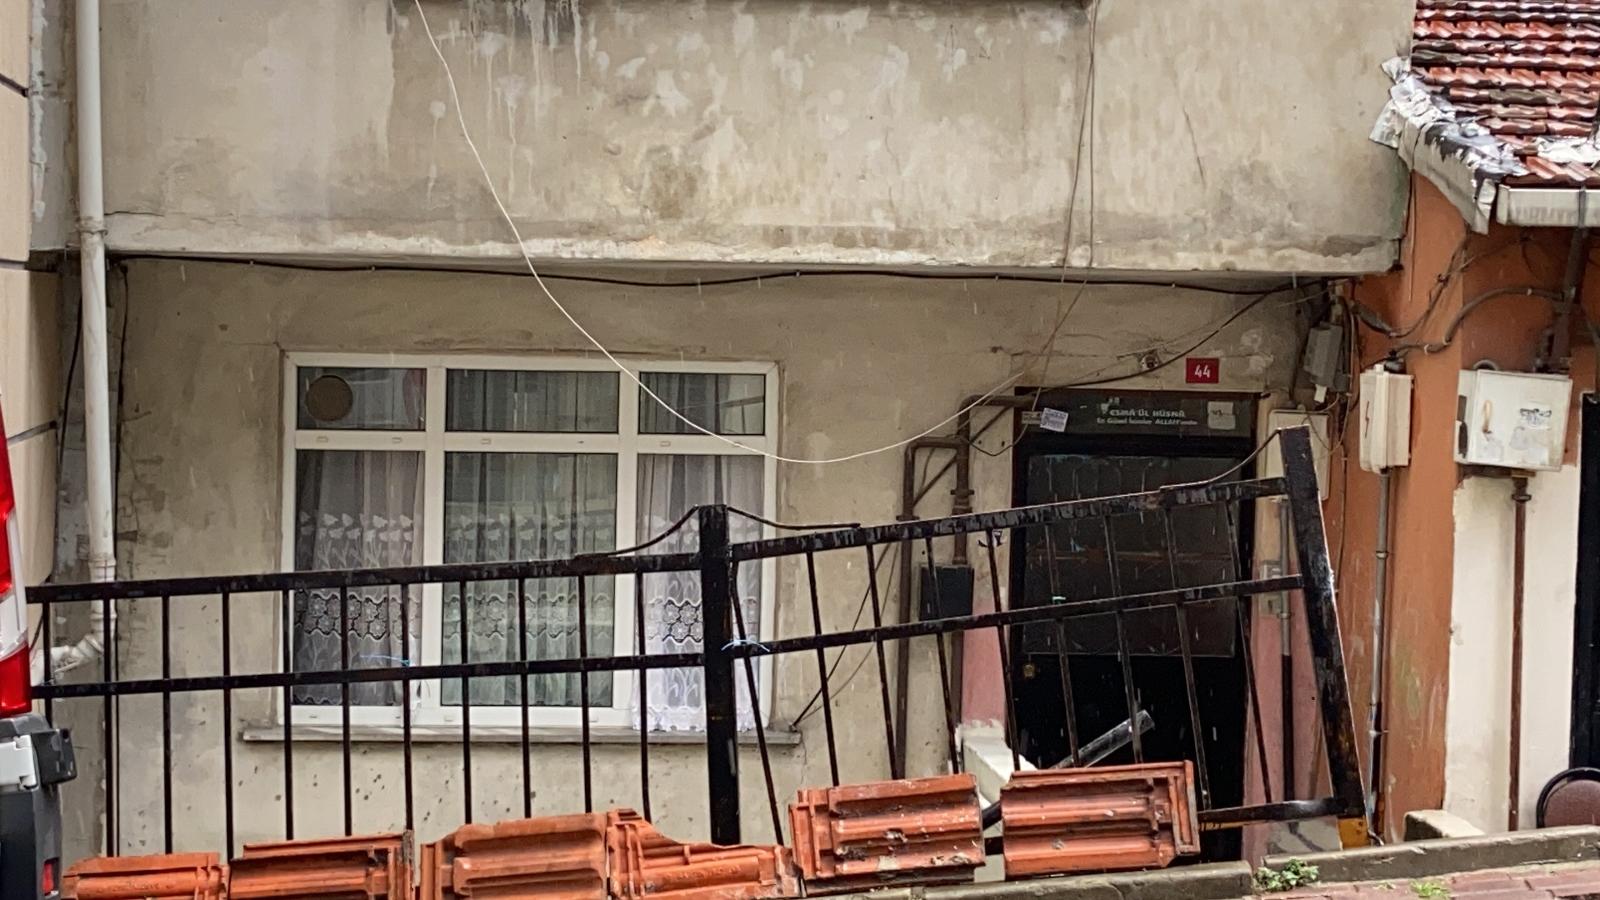 İstanbul'da Şüpheli Ölüm: Hint Keneviri Yetiştiren Şahıs Evinde Ölü Bulundu